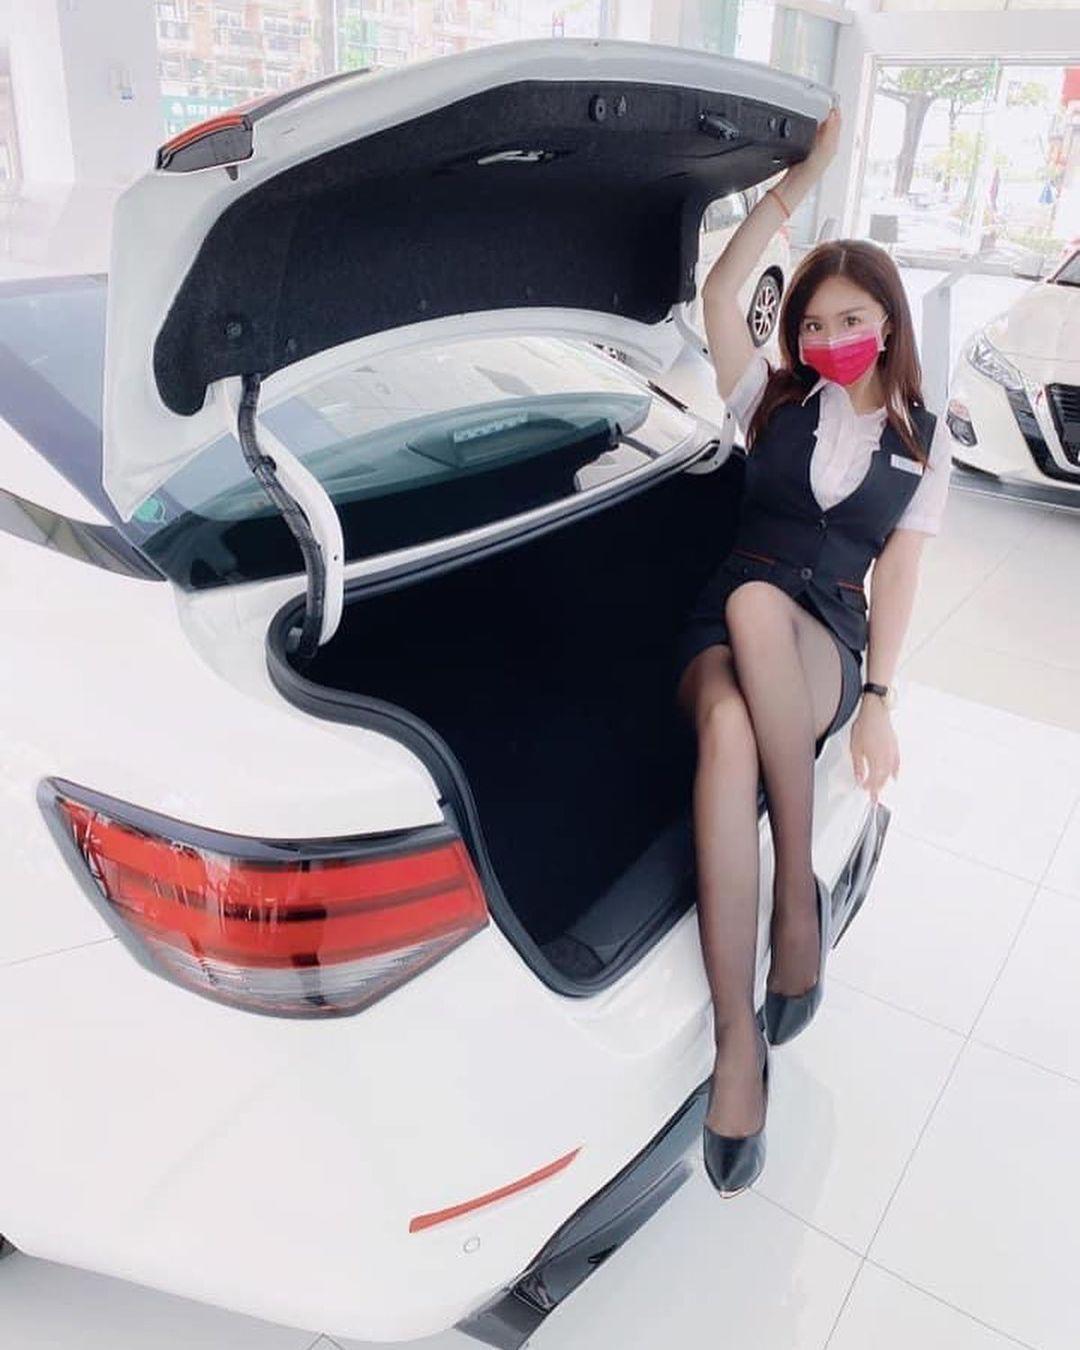 美图精选&香车就要配美人! Nissan 美女业务「芳芳」大露「黑丝美腿」-兔子社